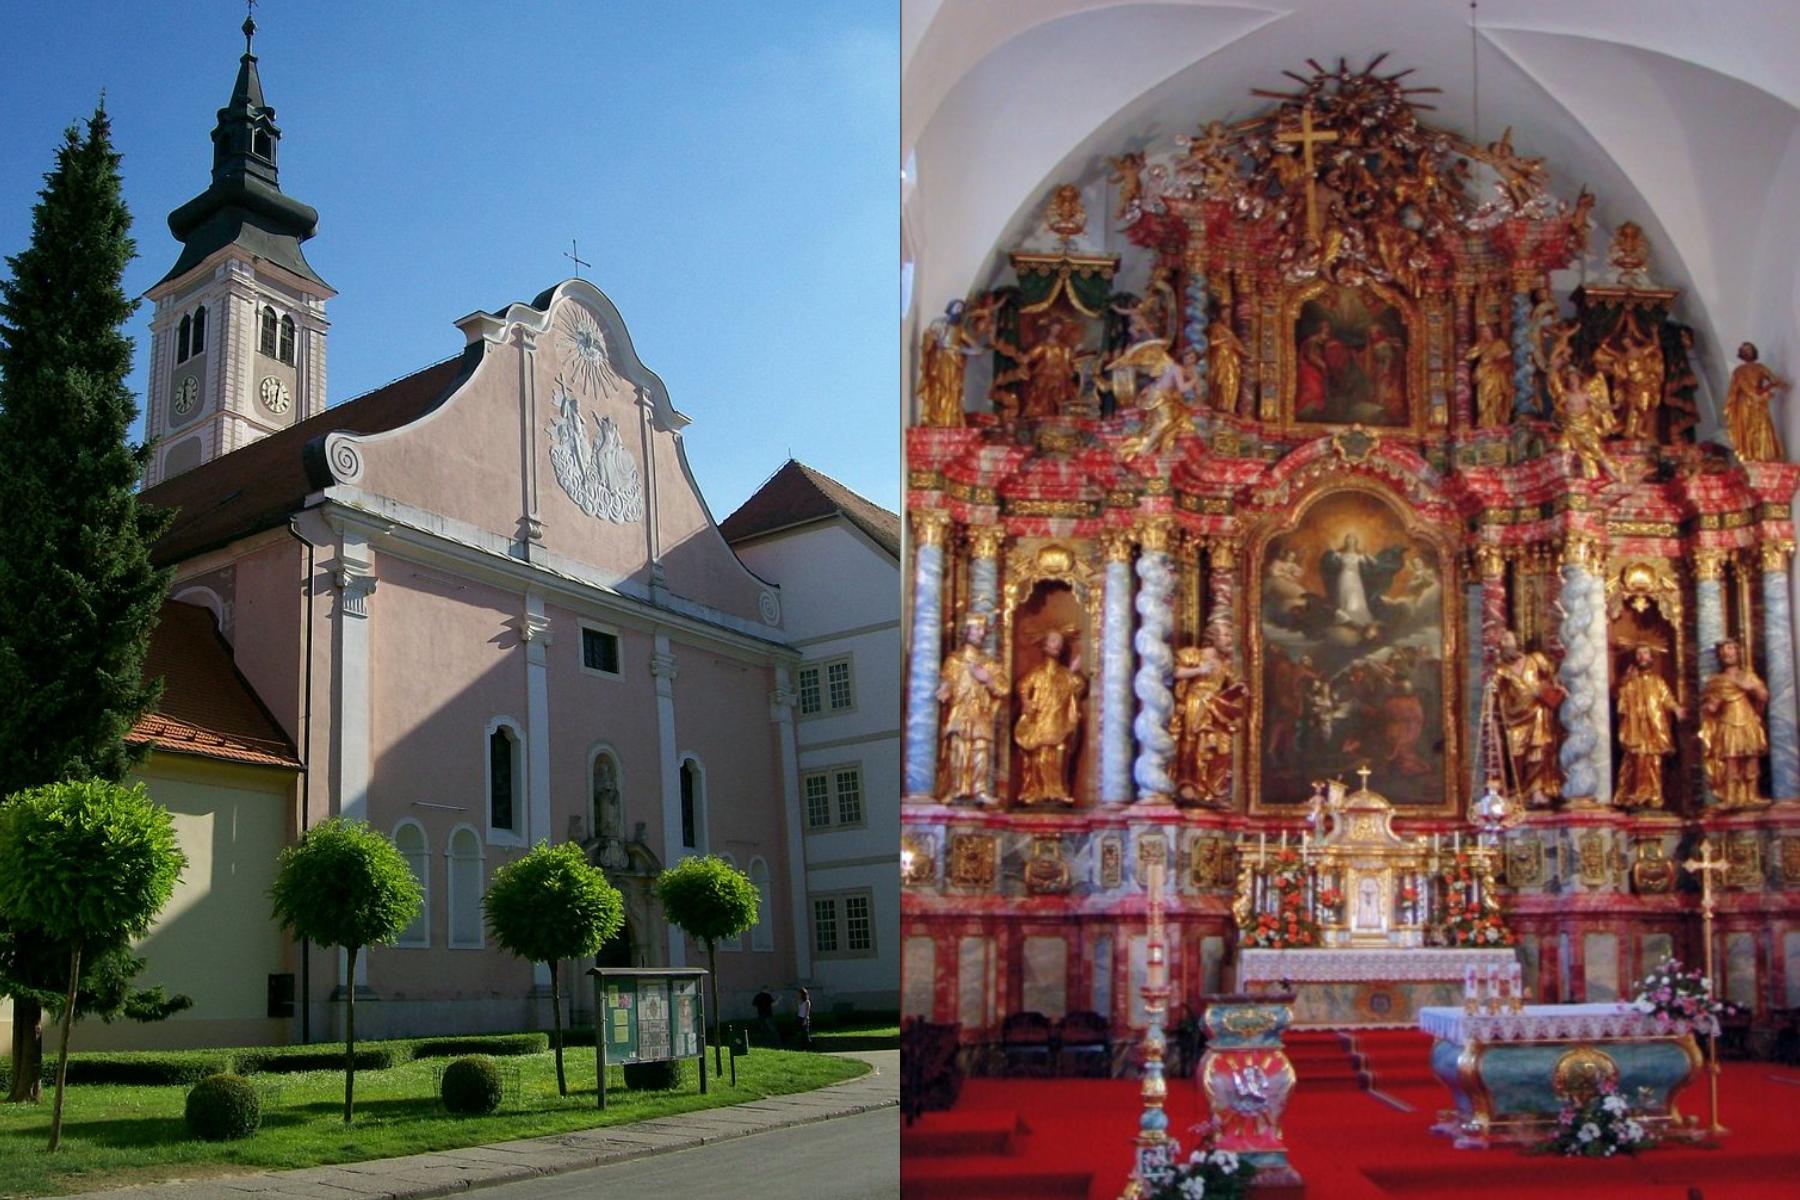 Foto Upoznajmo Hrvatske Katedrale 6 Znate Li Da Je Varazdinska